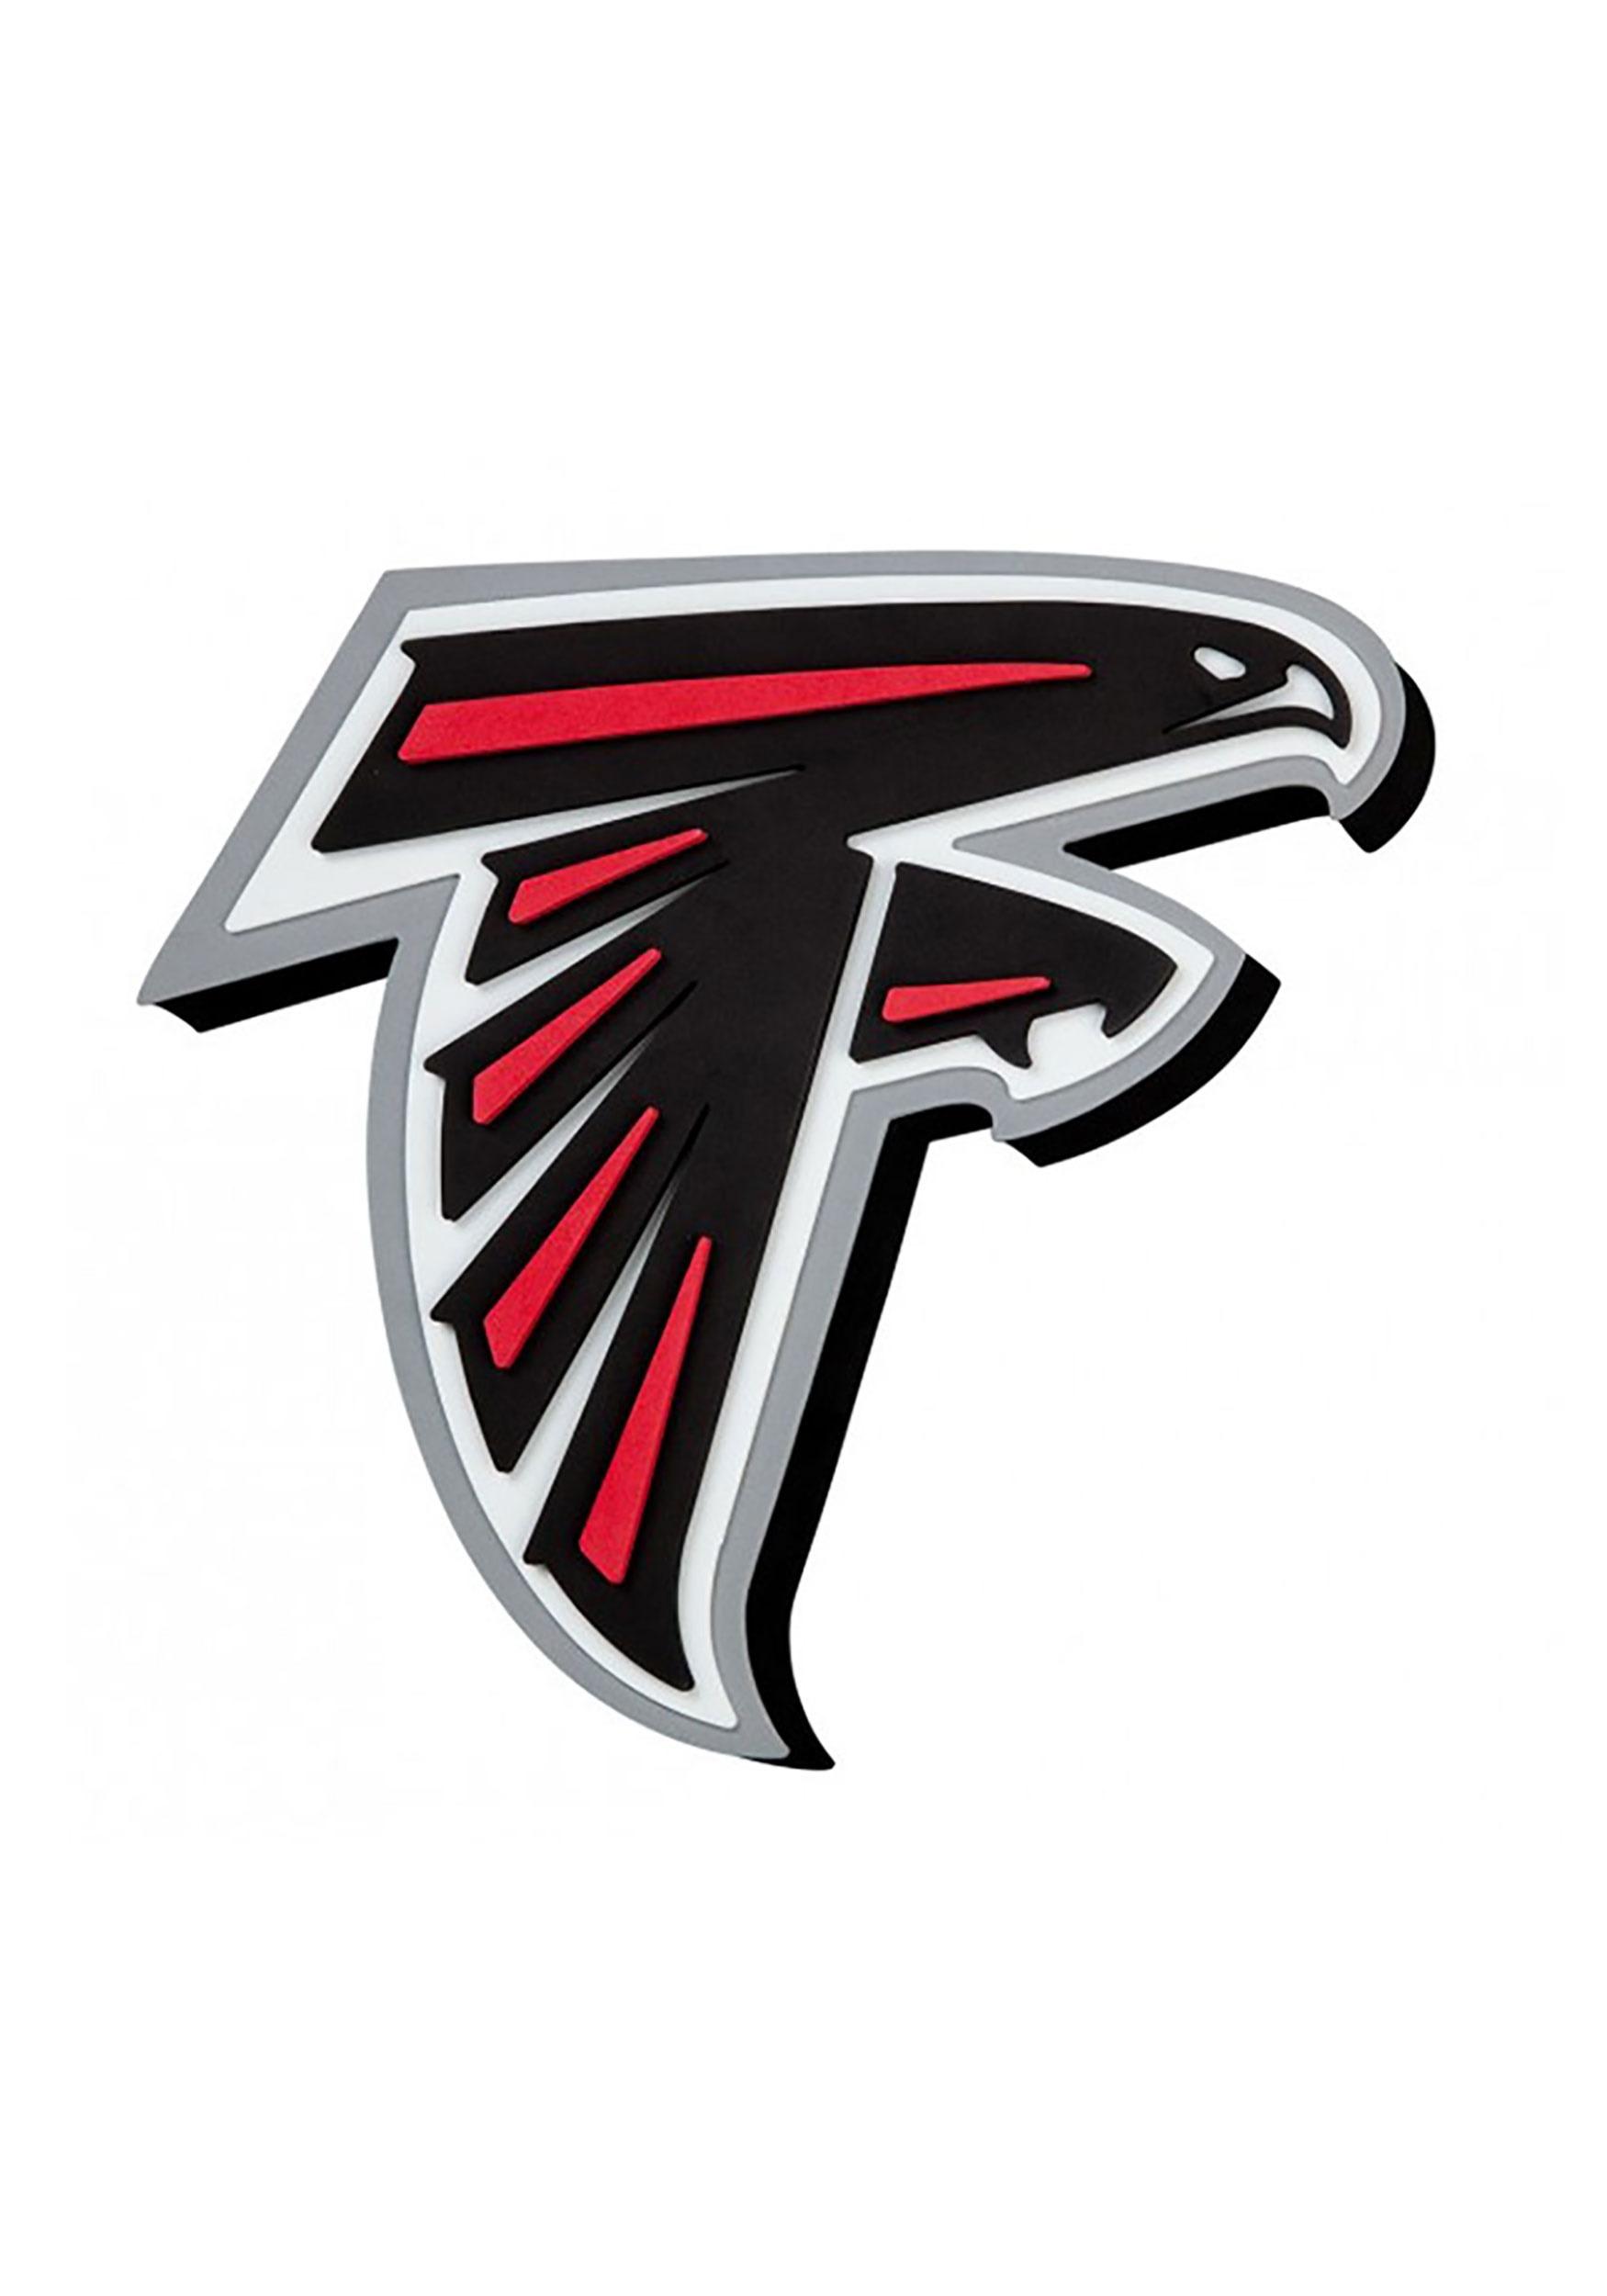 NFL Atlanta Falcons Logo Foam Sign.